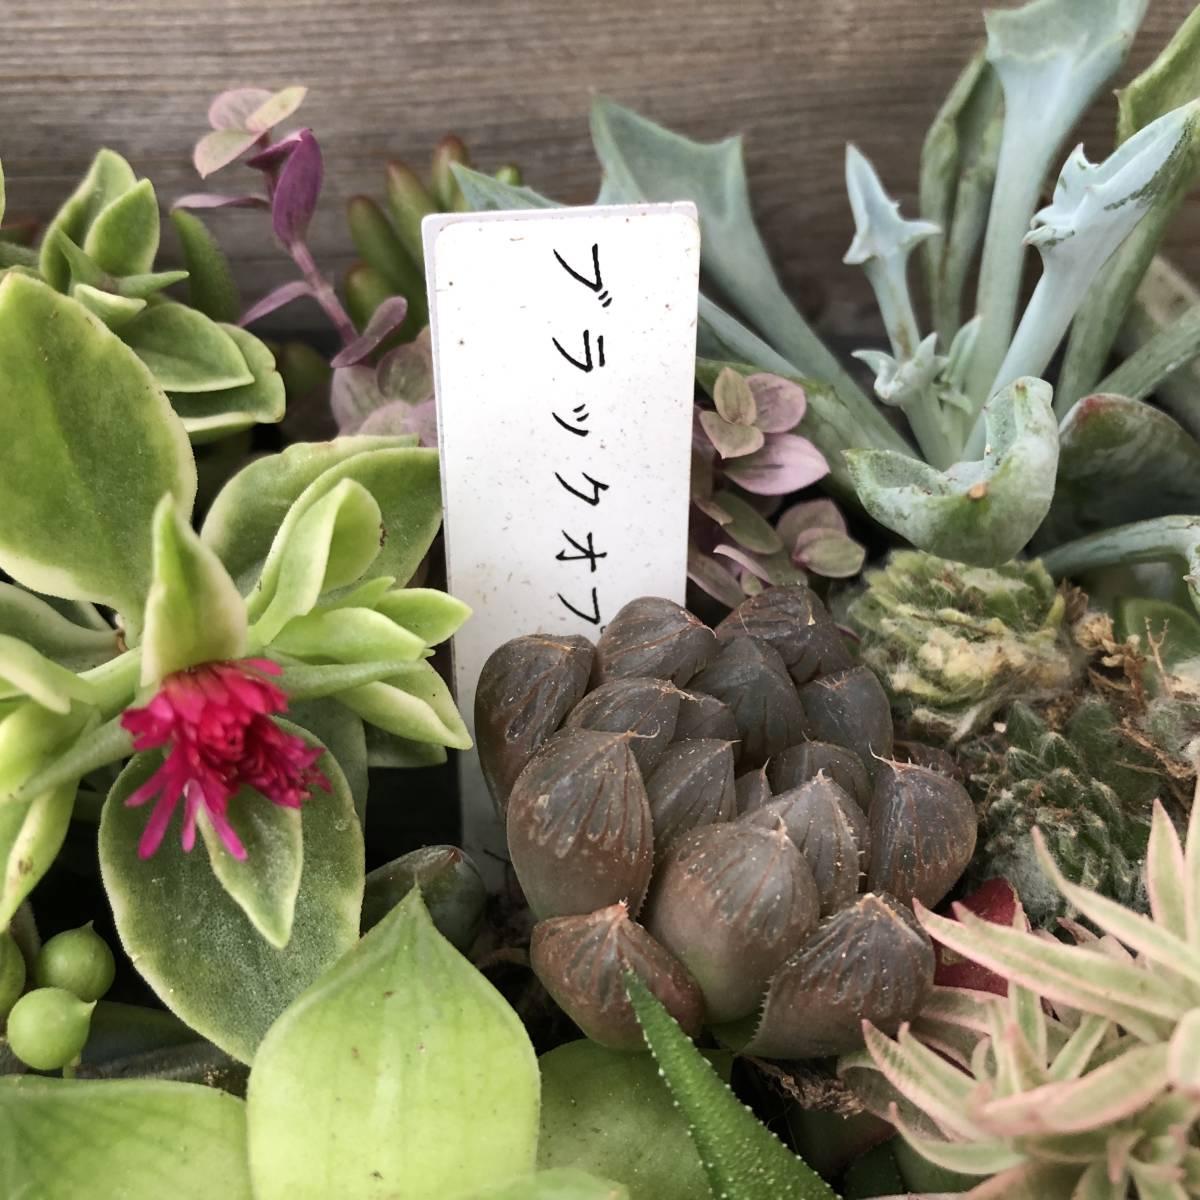 ■A-plants-r■ヤフオク初出品特価!多肉植物 ハオルチア3種&プラグ・カット苗 200ピースセット_画像2